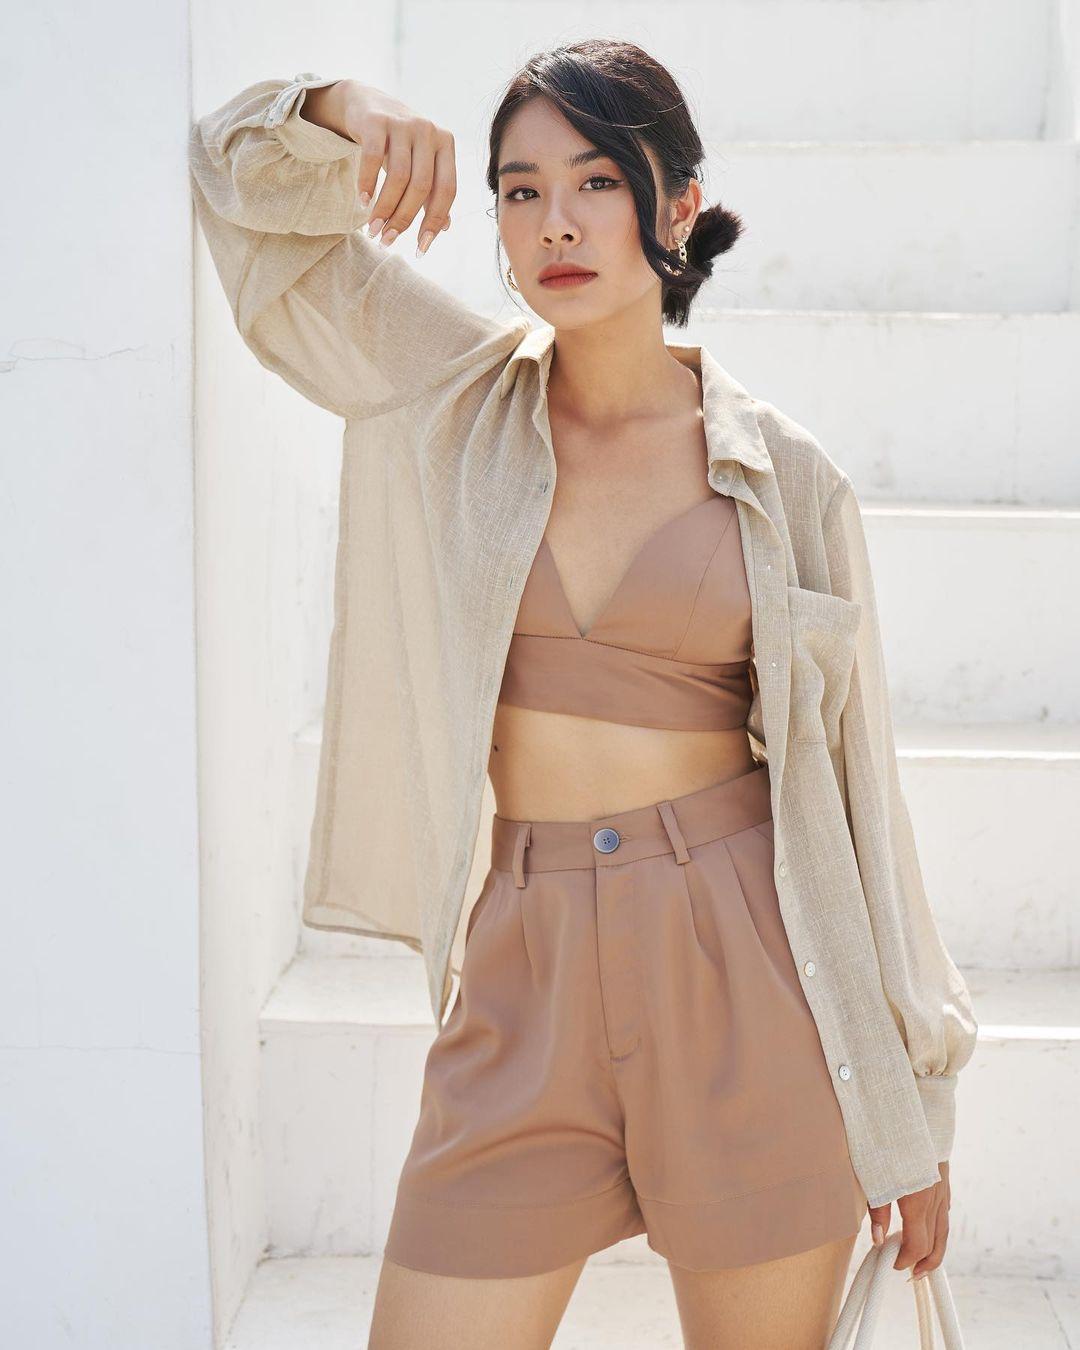 Tổng hợp quần shorts đáng sắm nhất hè này: Giá từ 200k, toàn kiểu Hàn xẻng đẹp mê ly - ảnh 19